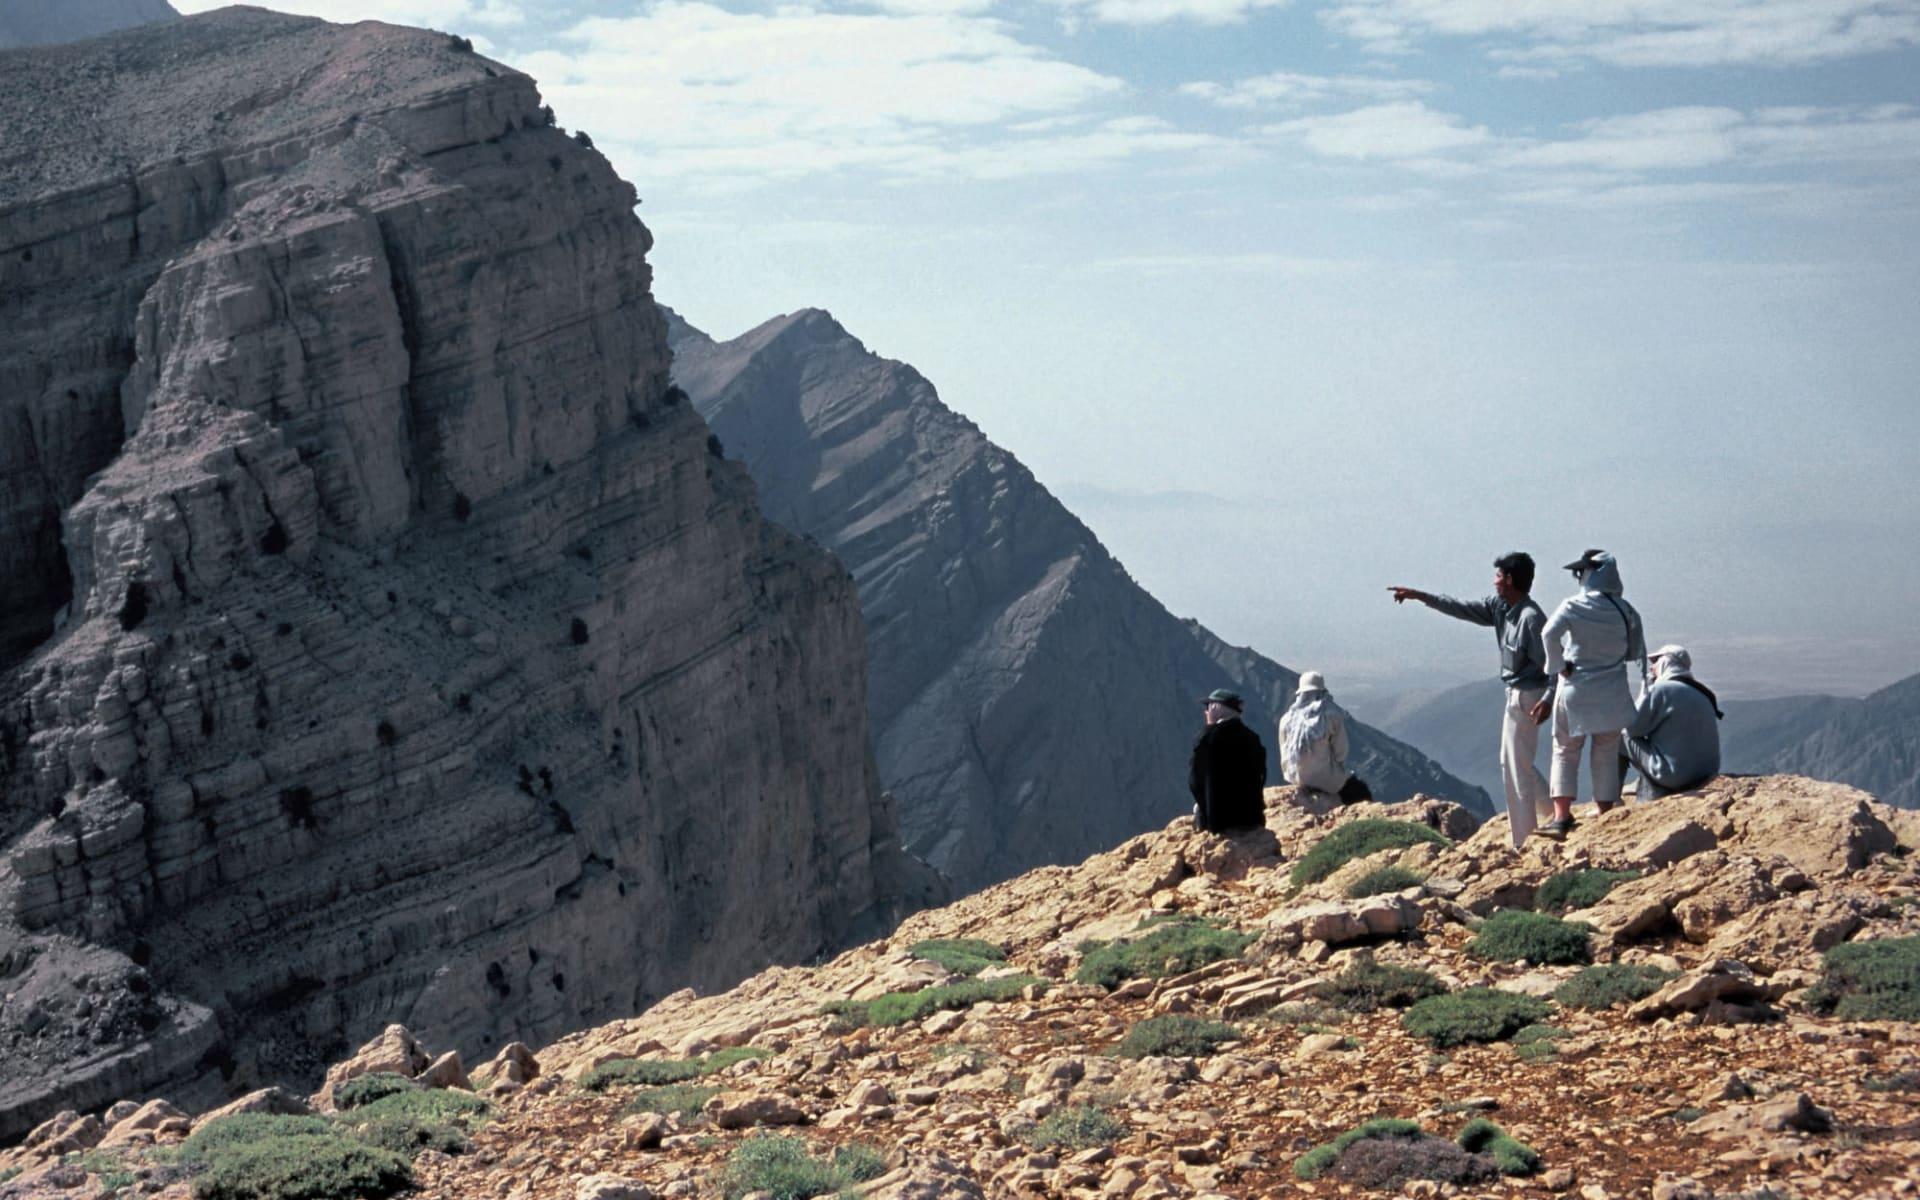 Auf den Spuren der Bakhtiari-Nomaden ab Teheran: Bakhtiari, Sabzkuh